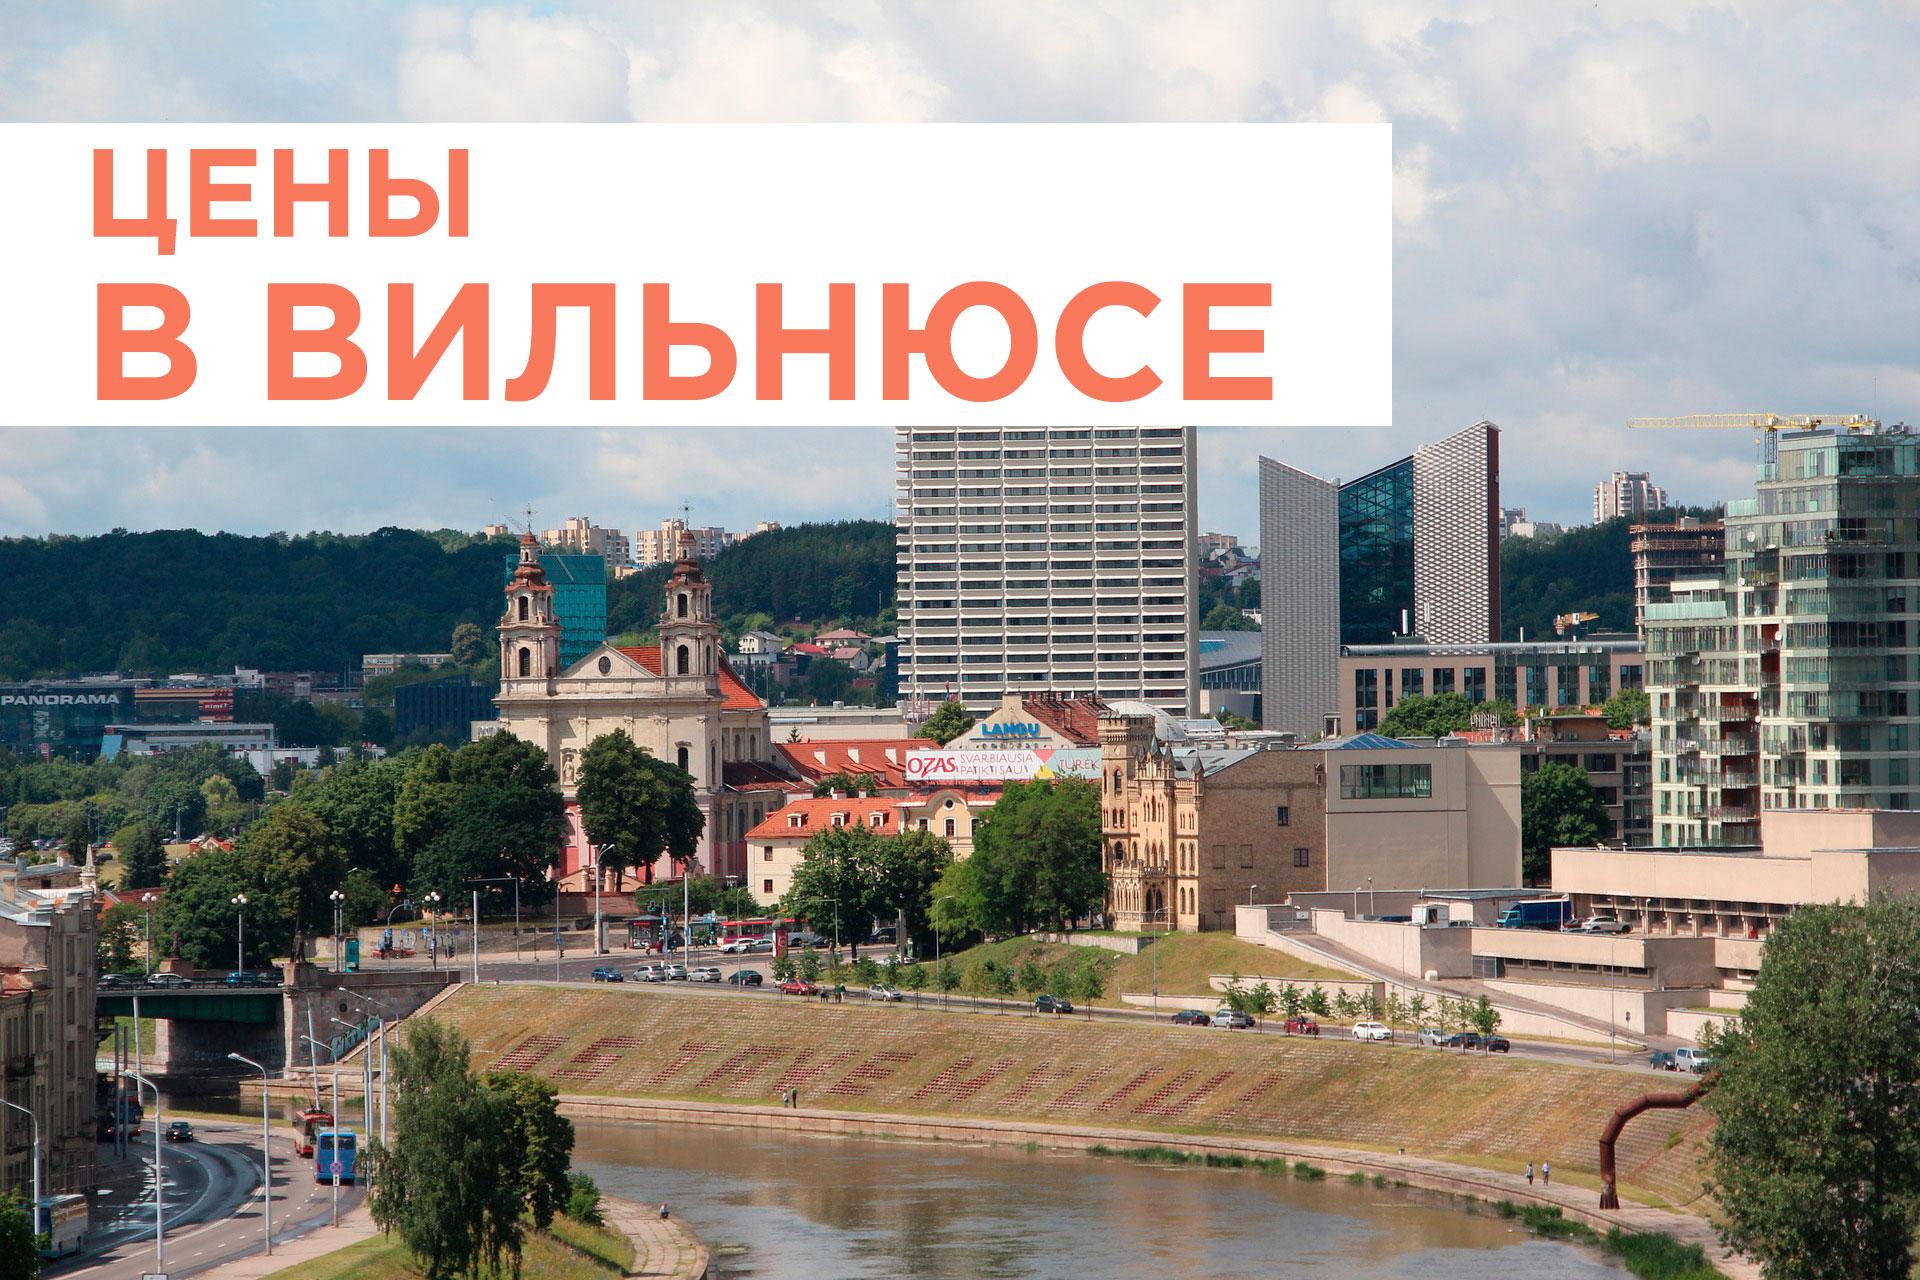 Цены на жизнь в Вильнюсе, Литва – еда, транспорт, обучение